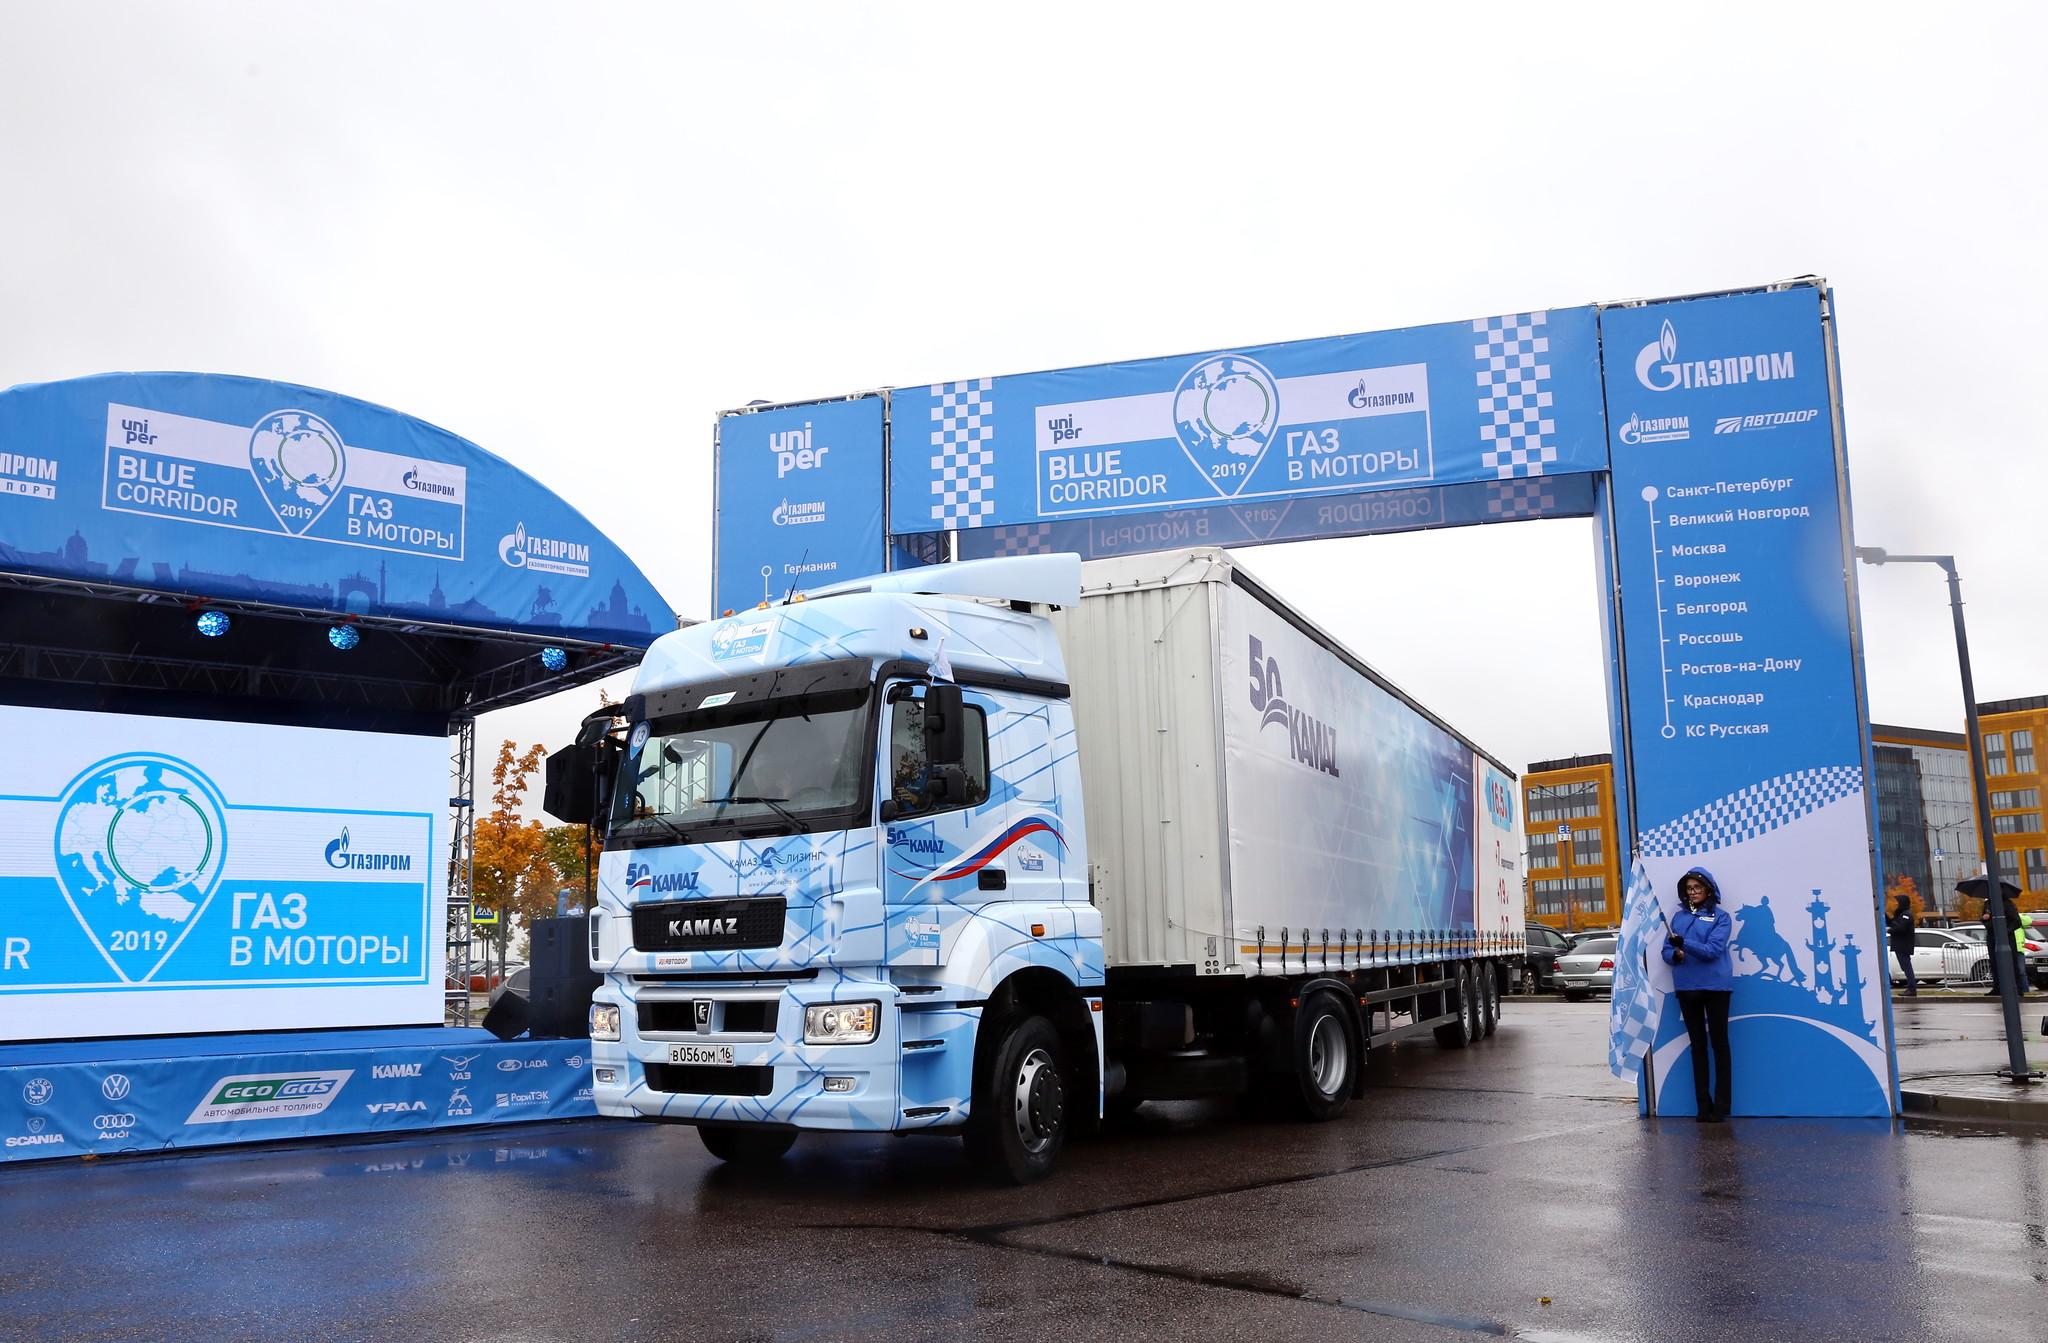 Финиш автопробега «Голубой коридор — газ в моторы 2019» в Санкт-Петербурге